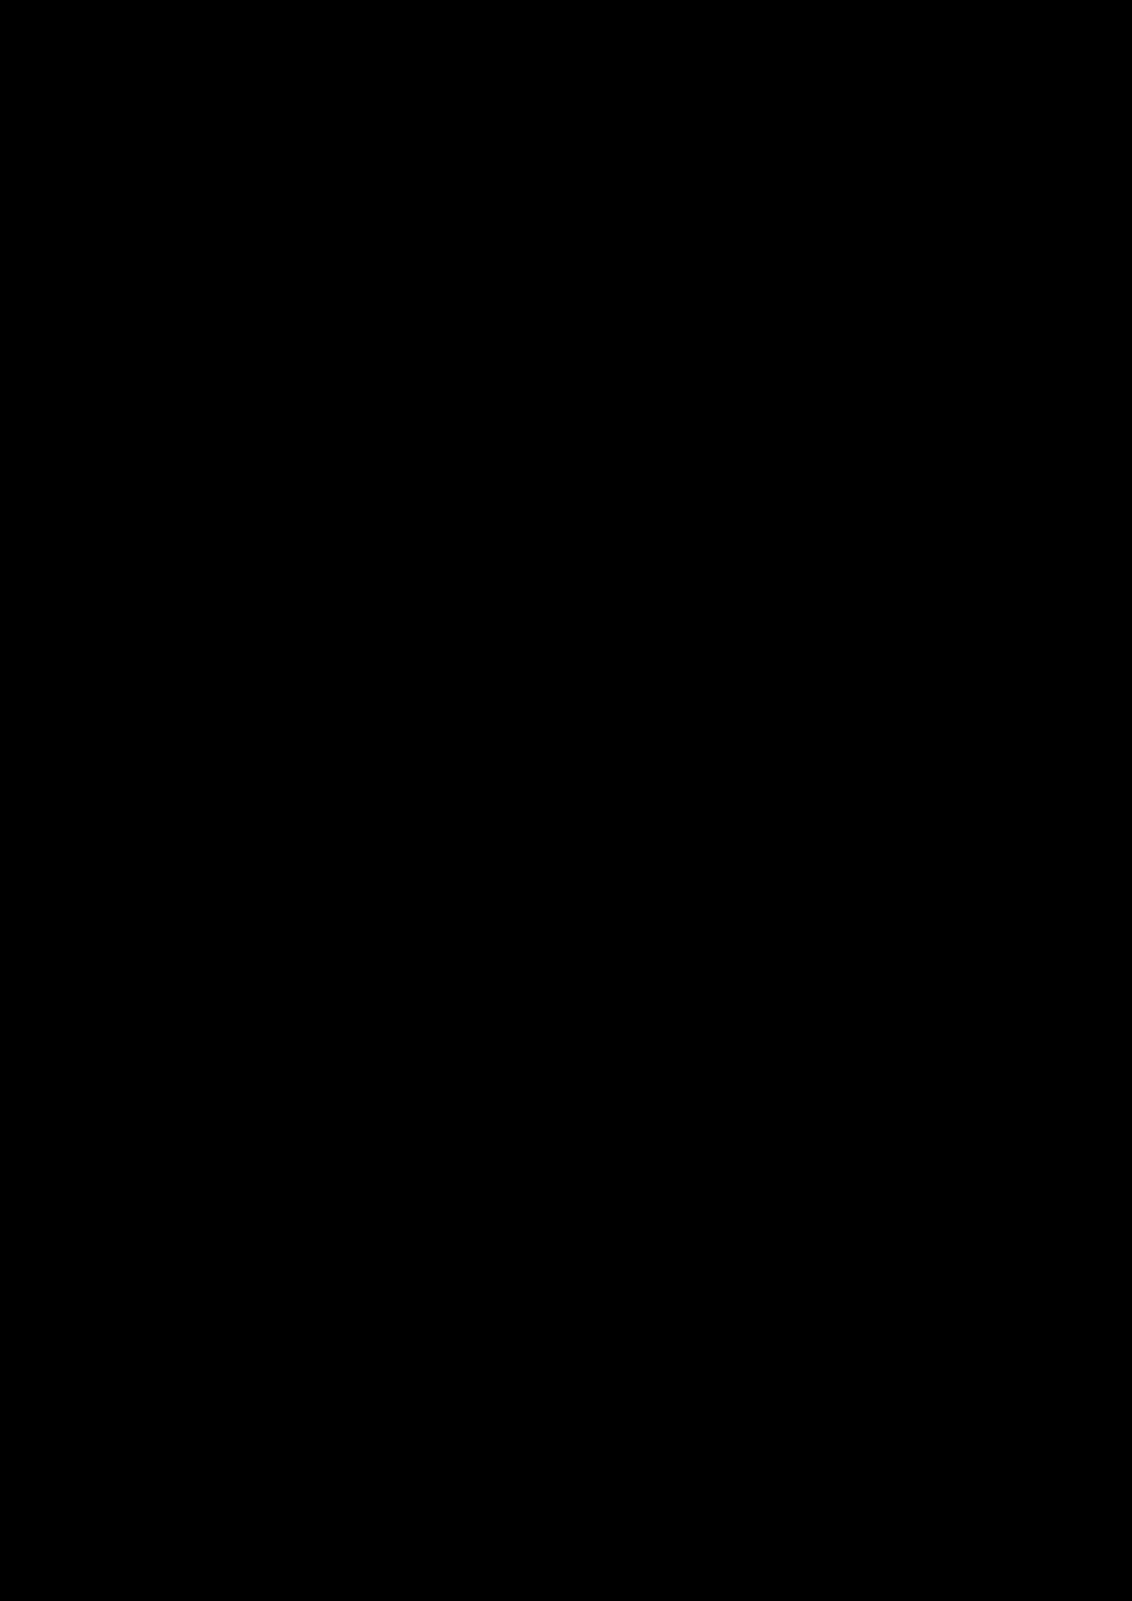 Proschanie s volshebnoy stranoy slide, Image 60